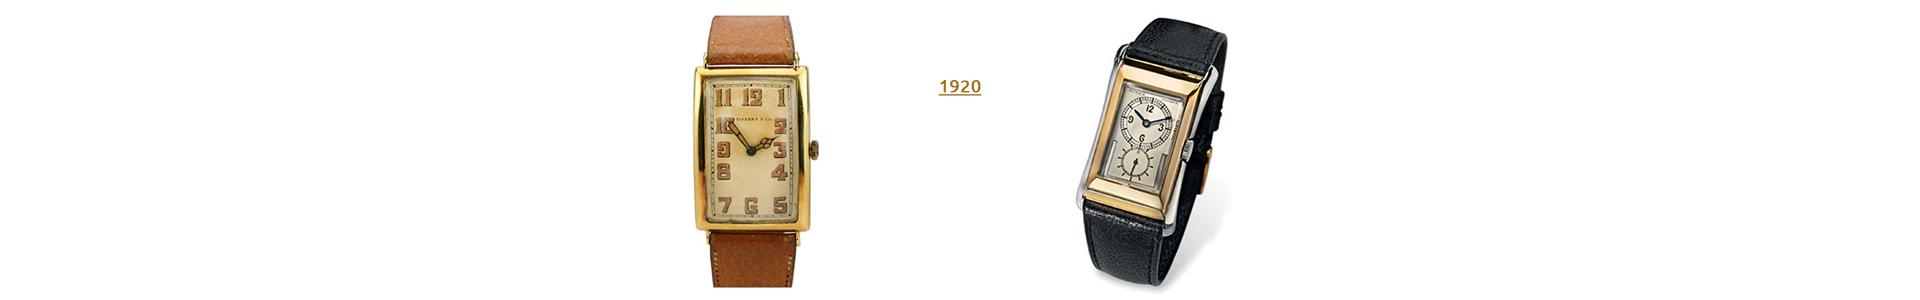 Uhren Ankauf 1920